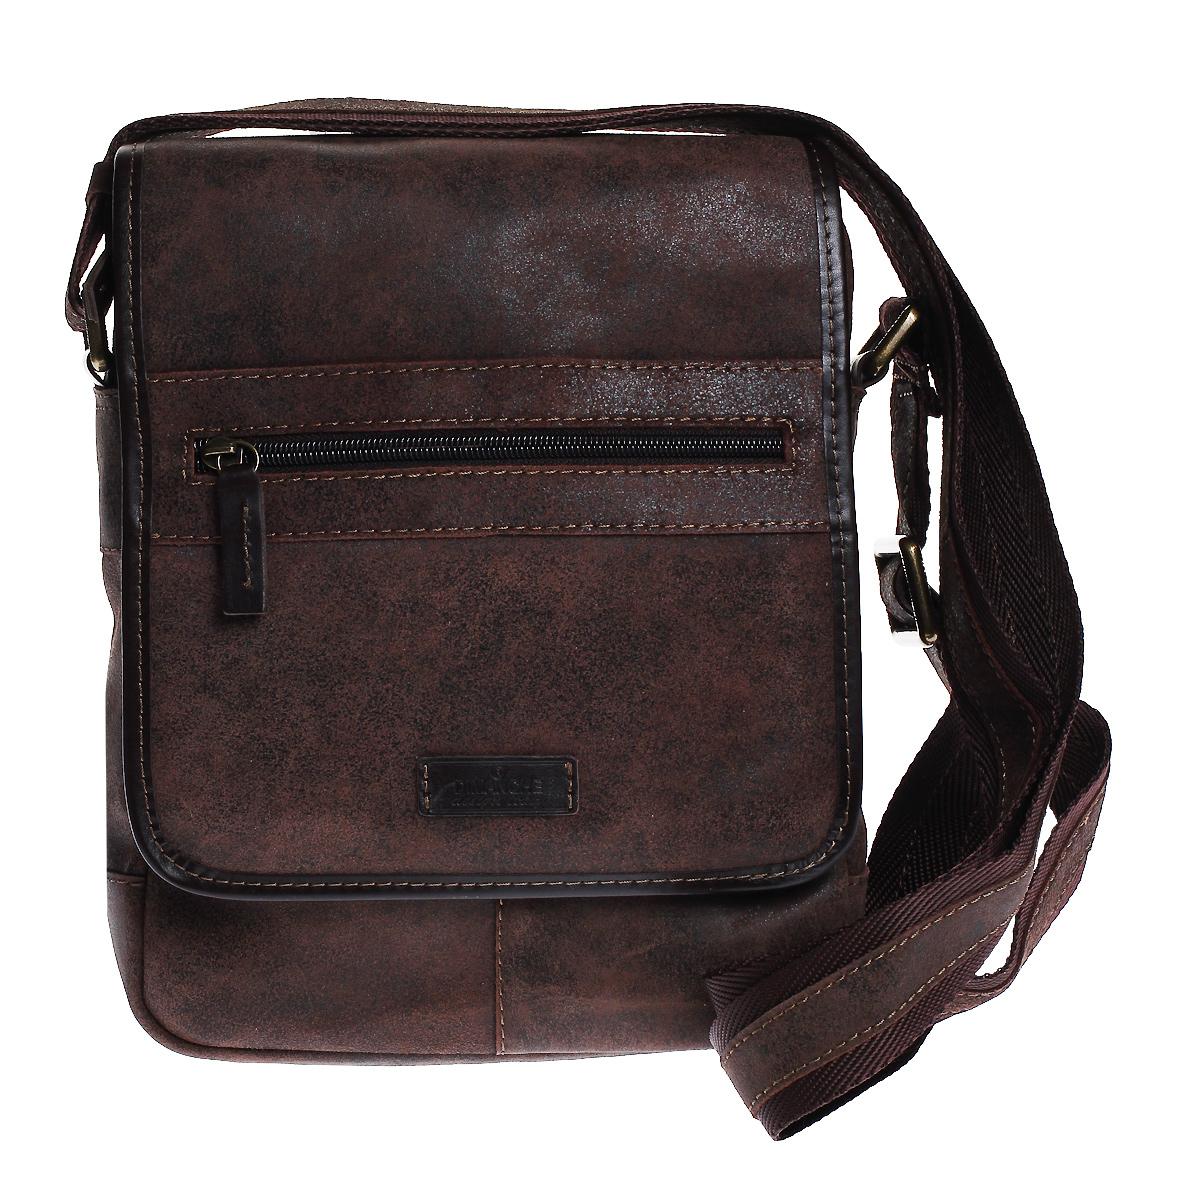 Сумка мужская Dimanche Кантри, цвет: коричневый. 879/35879/35Стильная мужская сумка через плечо Dimanche Кантри, выполненная из натуральной кожи, компактная, но в то же время функциональная. Удобная и эффектная сумка на каждый день. Модель имеет одно вместительное отделение, закрывающееся застежкой-молнией и дополнительно клапаном на магнитную кнопку. Под клапаном - плоский карман на застежке-молнии. На клапане - небольшой карман на застежке-молнии. Задняя сторона также дополнена карманом на застежке-молнии. Сумка дополнена регулируемым плечевым ремнем.